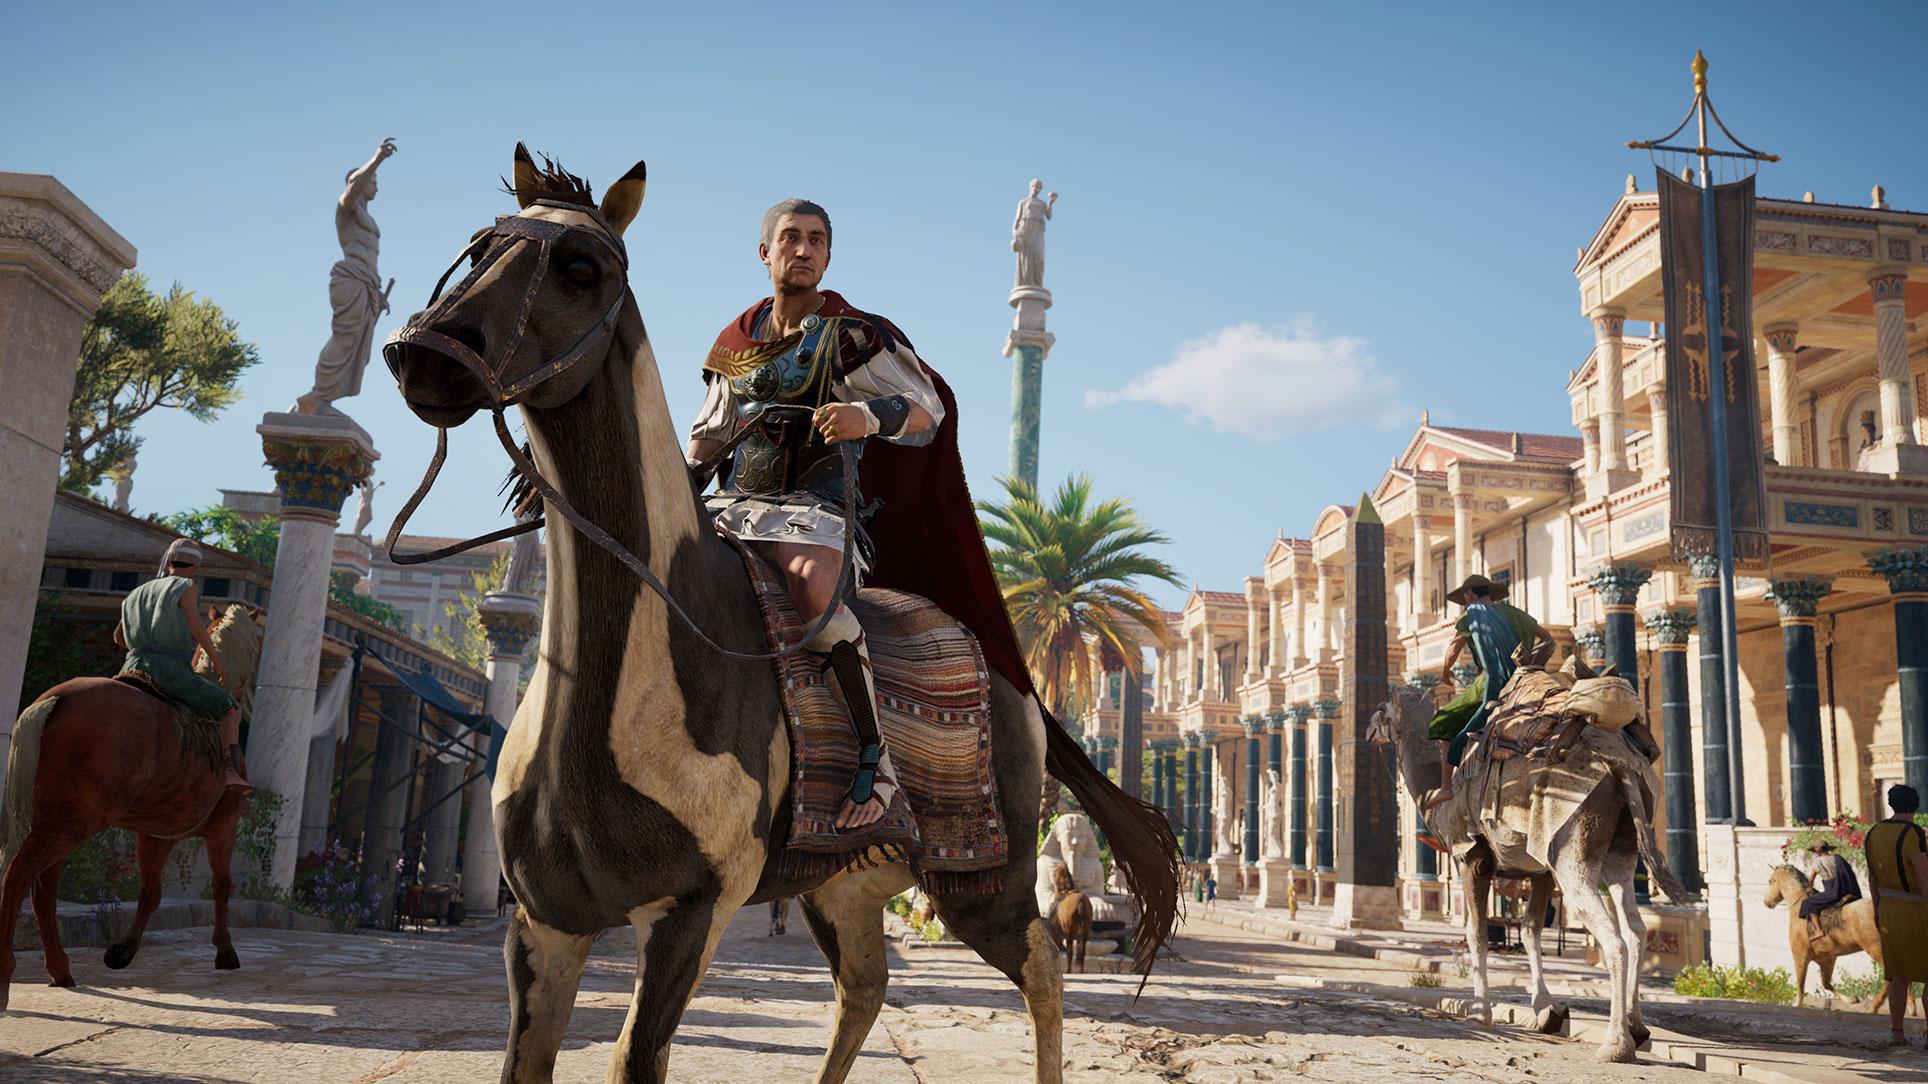 ... oder den römischen Kaiser Julius Cäsar übernehmen.